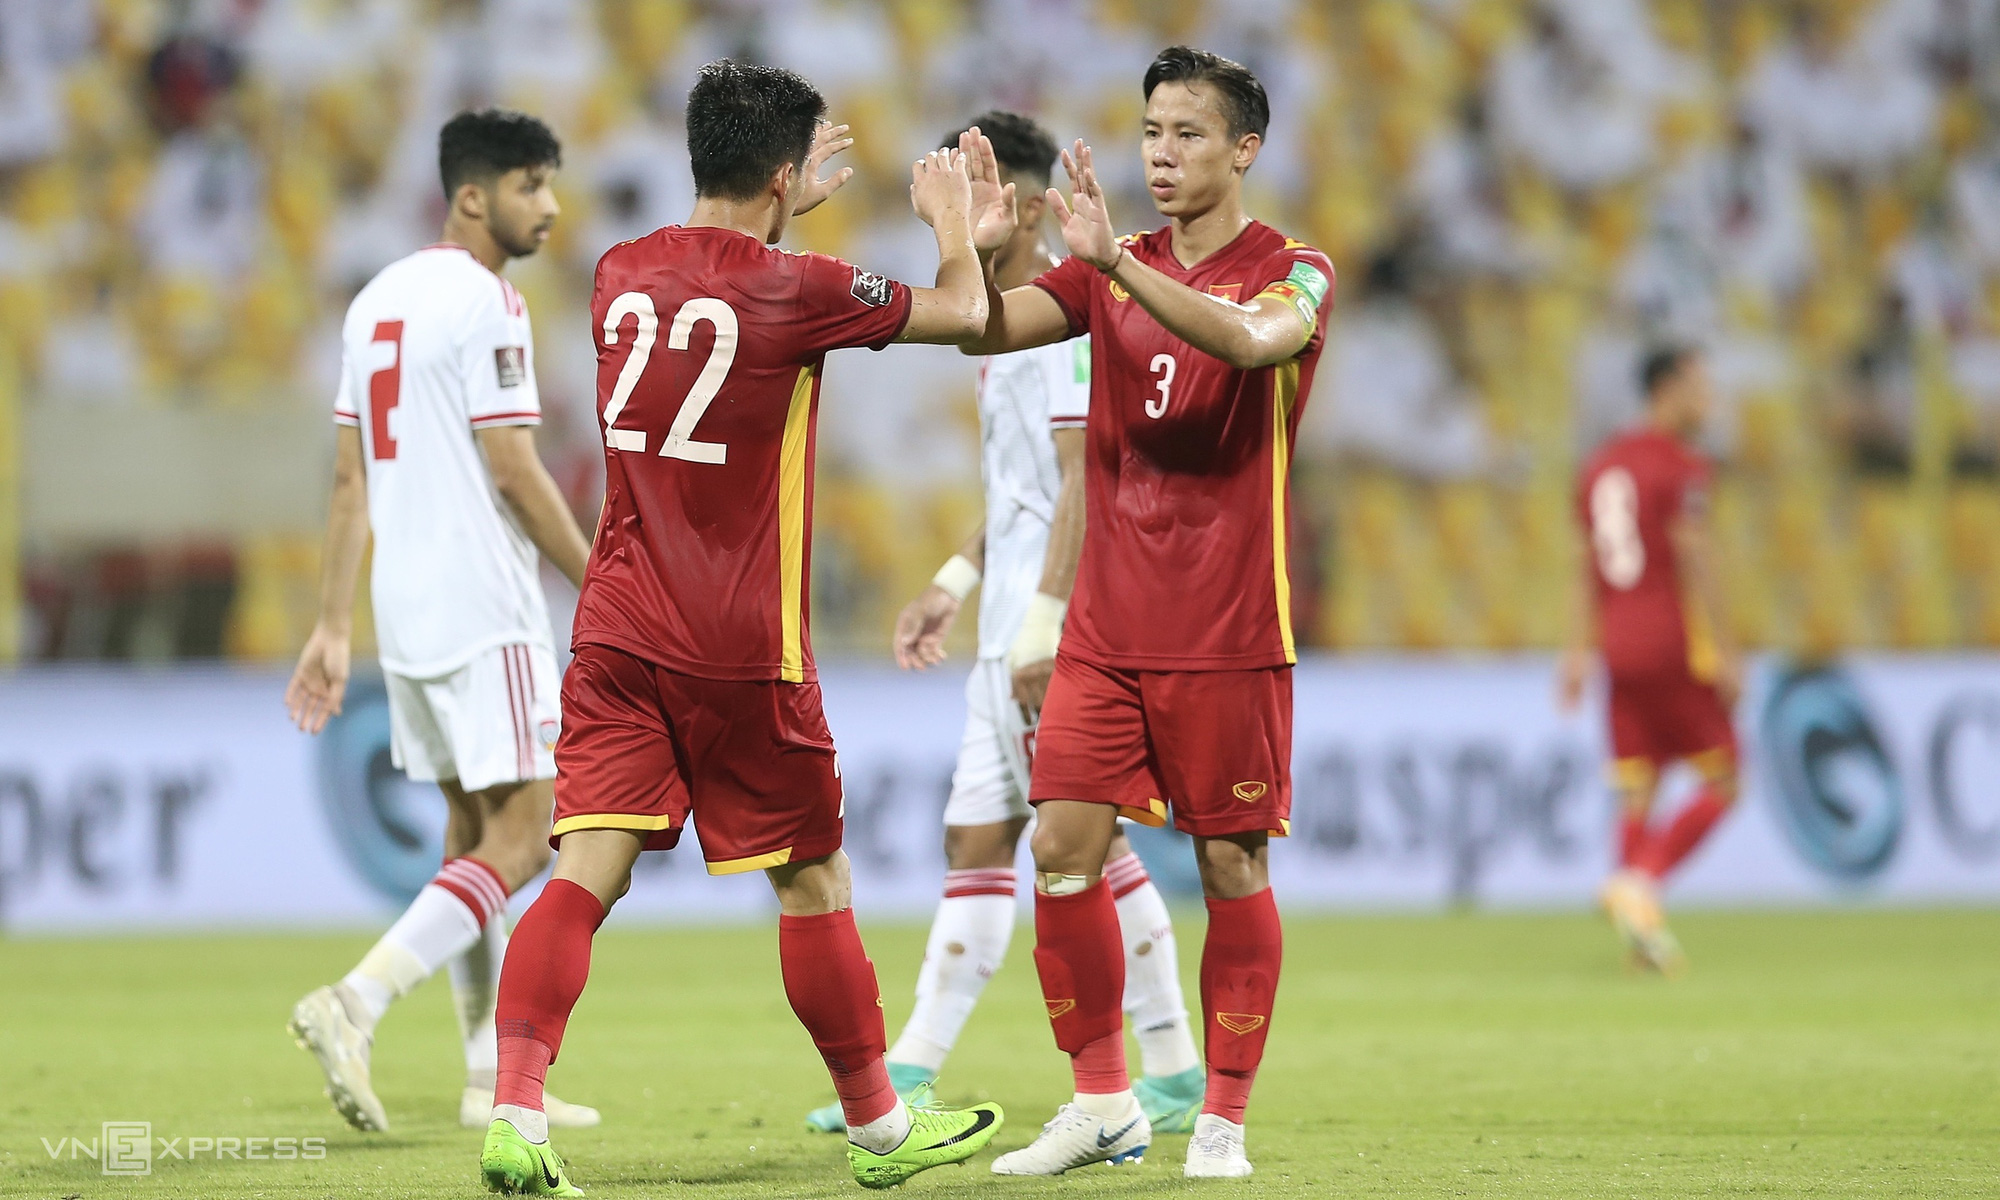 """9 câu bình luận """"nghe là tỉnh ngủ"""" của BLV Tạ Biên Cương ở trận Việt Nam vs UAE - Ảnh 1."""